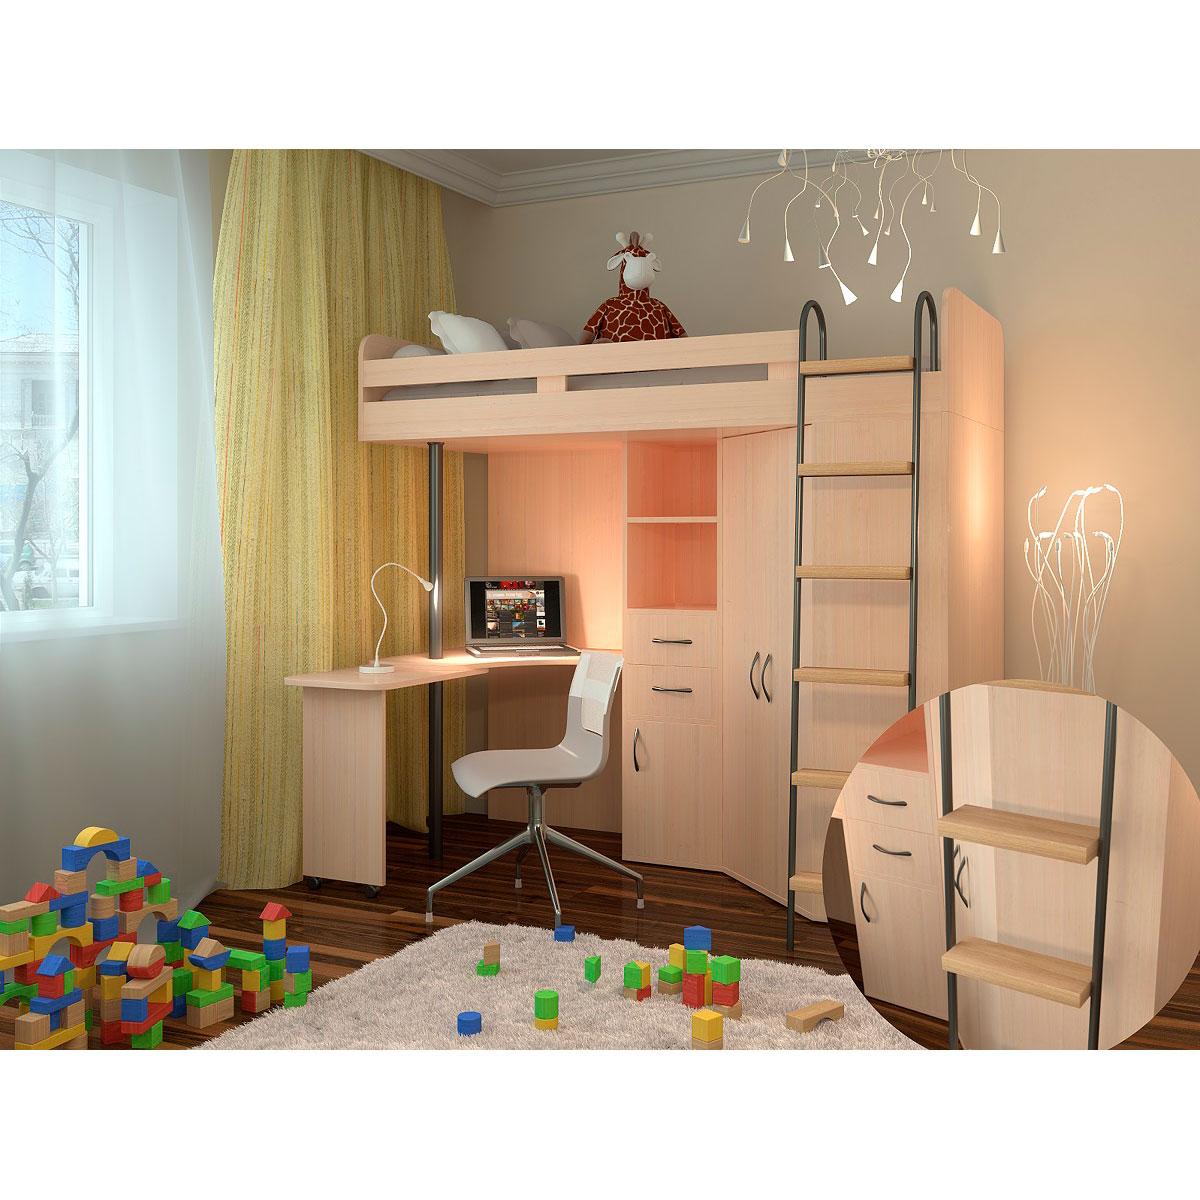 Набор мебели РВ-Мебель М85 Дуб молочный<br>